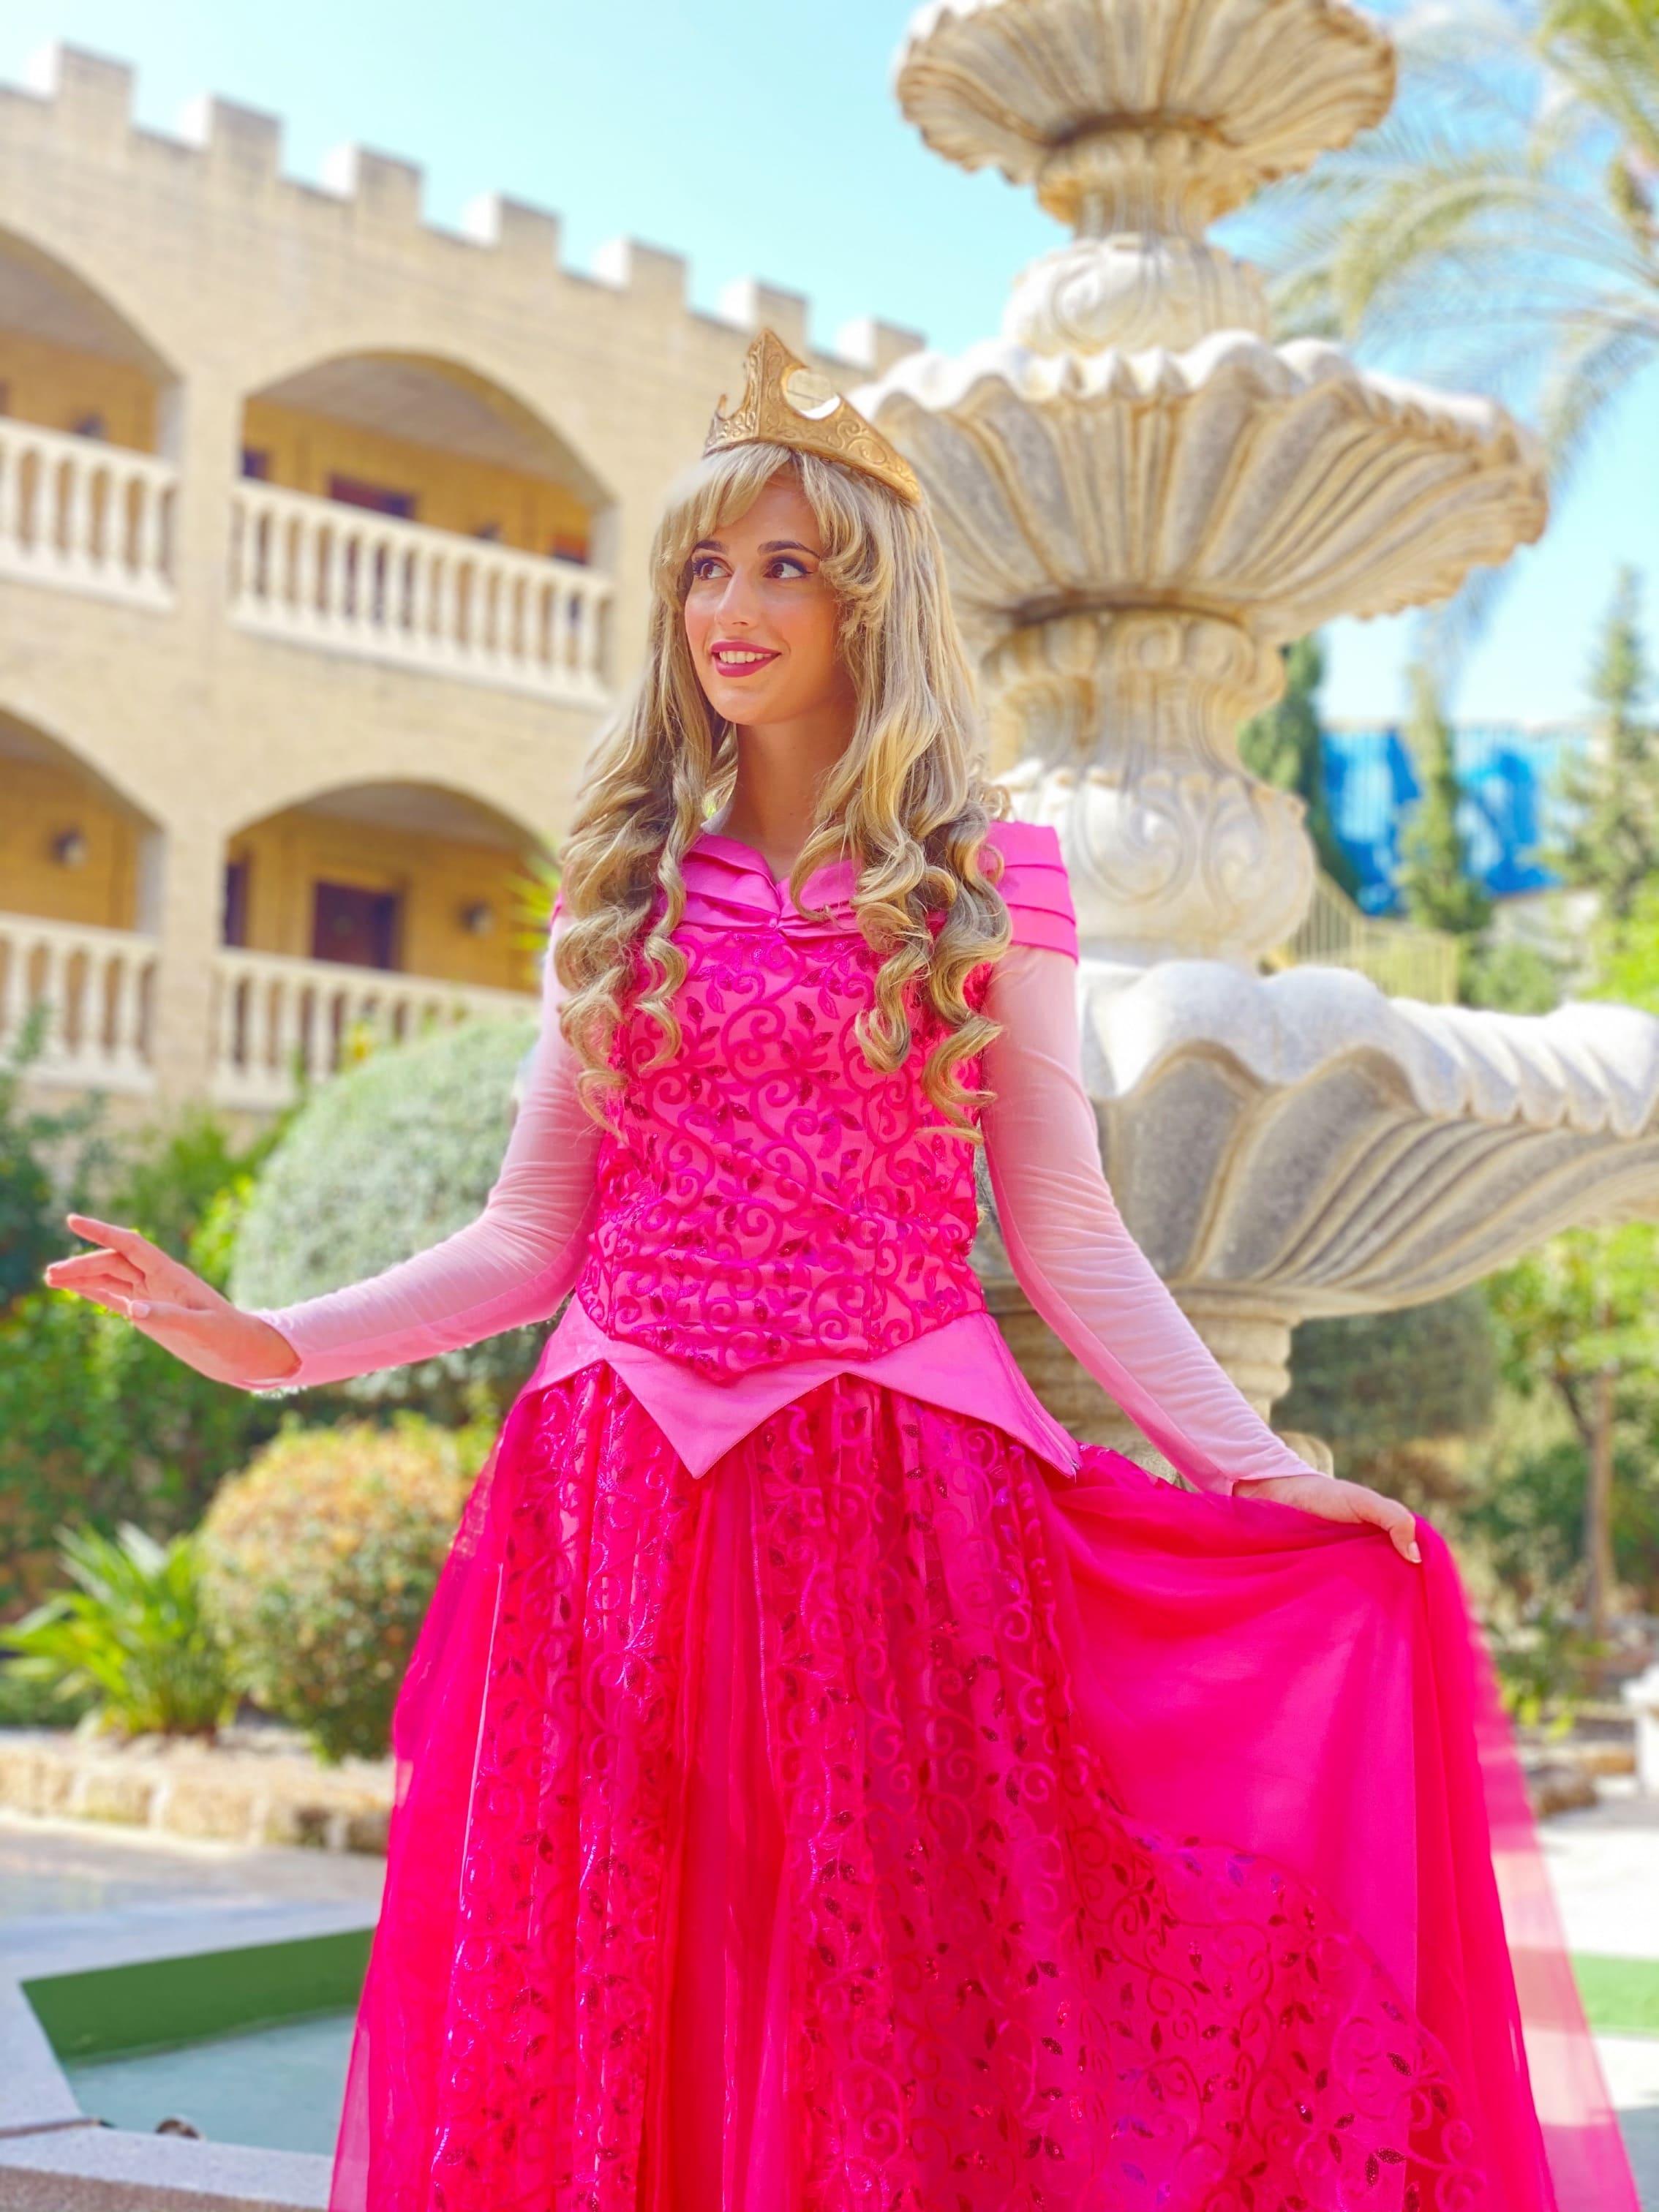 visitas de princesas en fiesta de malaga